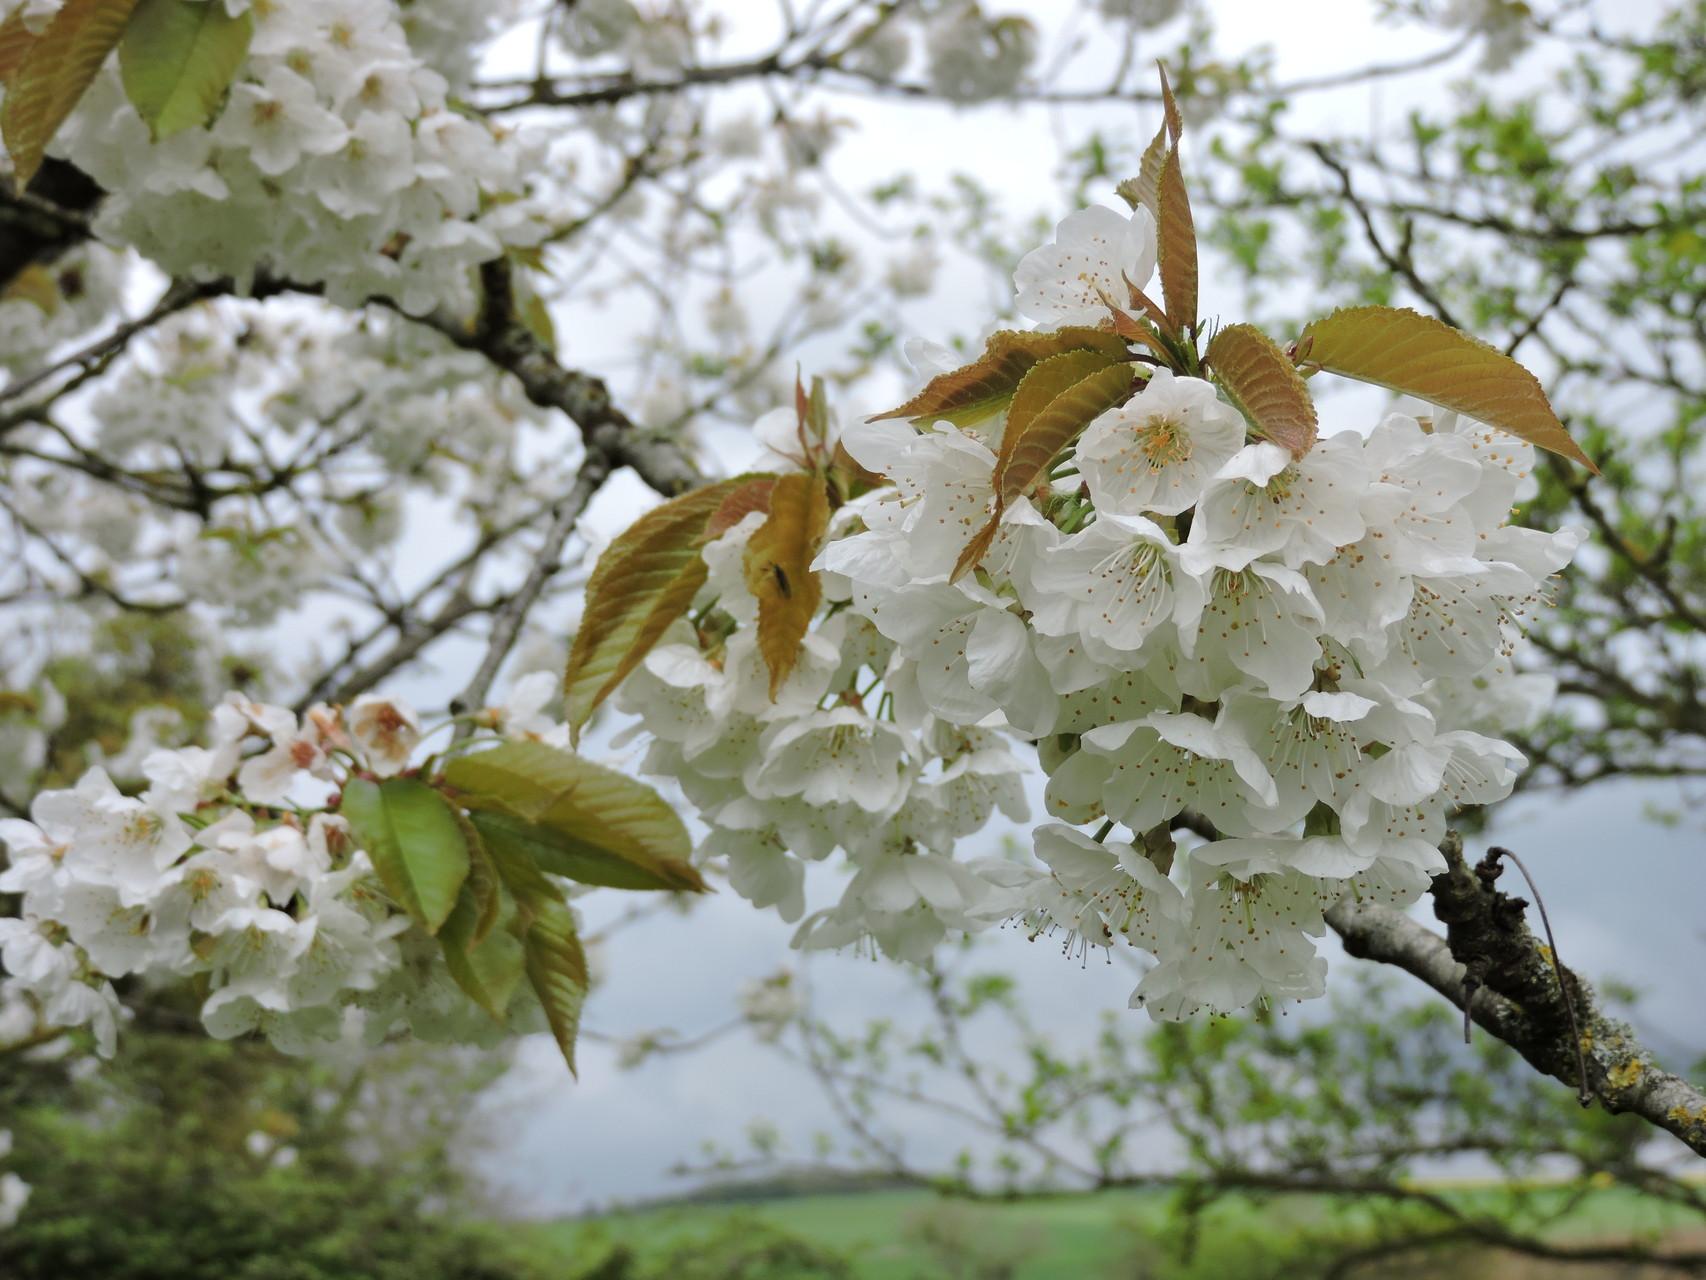 Le plaisir des randonnées de printemps (cerisiers en fleurs)